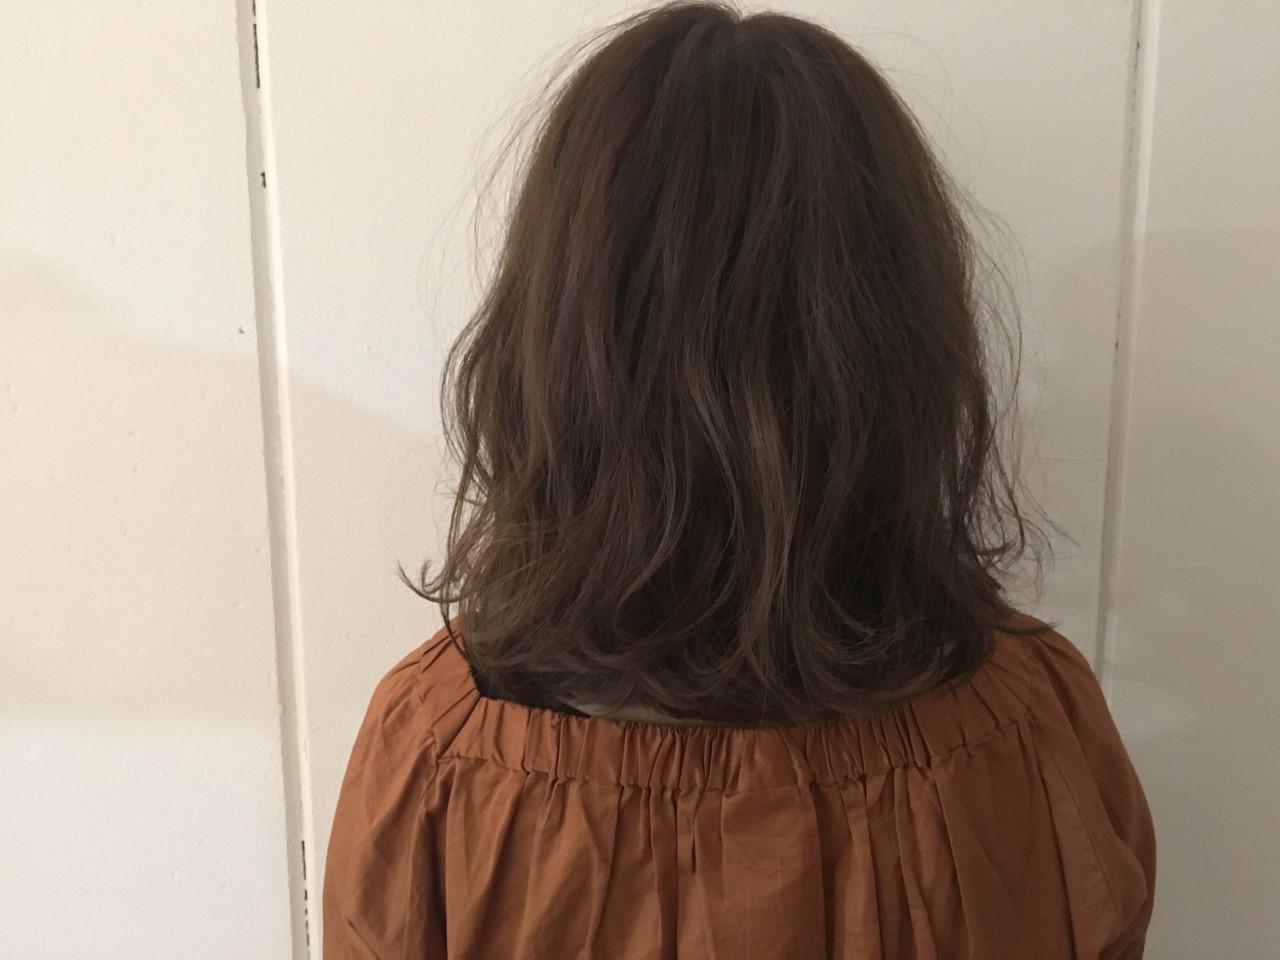 大人かわいい グレージュ アッシュ ミディアム ヘアスタイルや髪型の写真・画像 | 杉谷 将也 / DiLL / DiLL